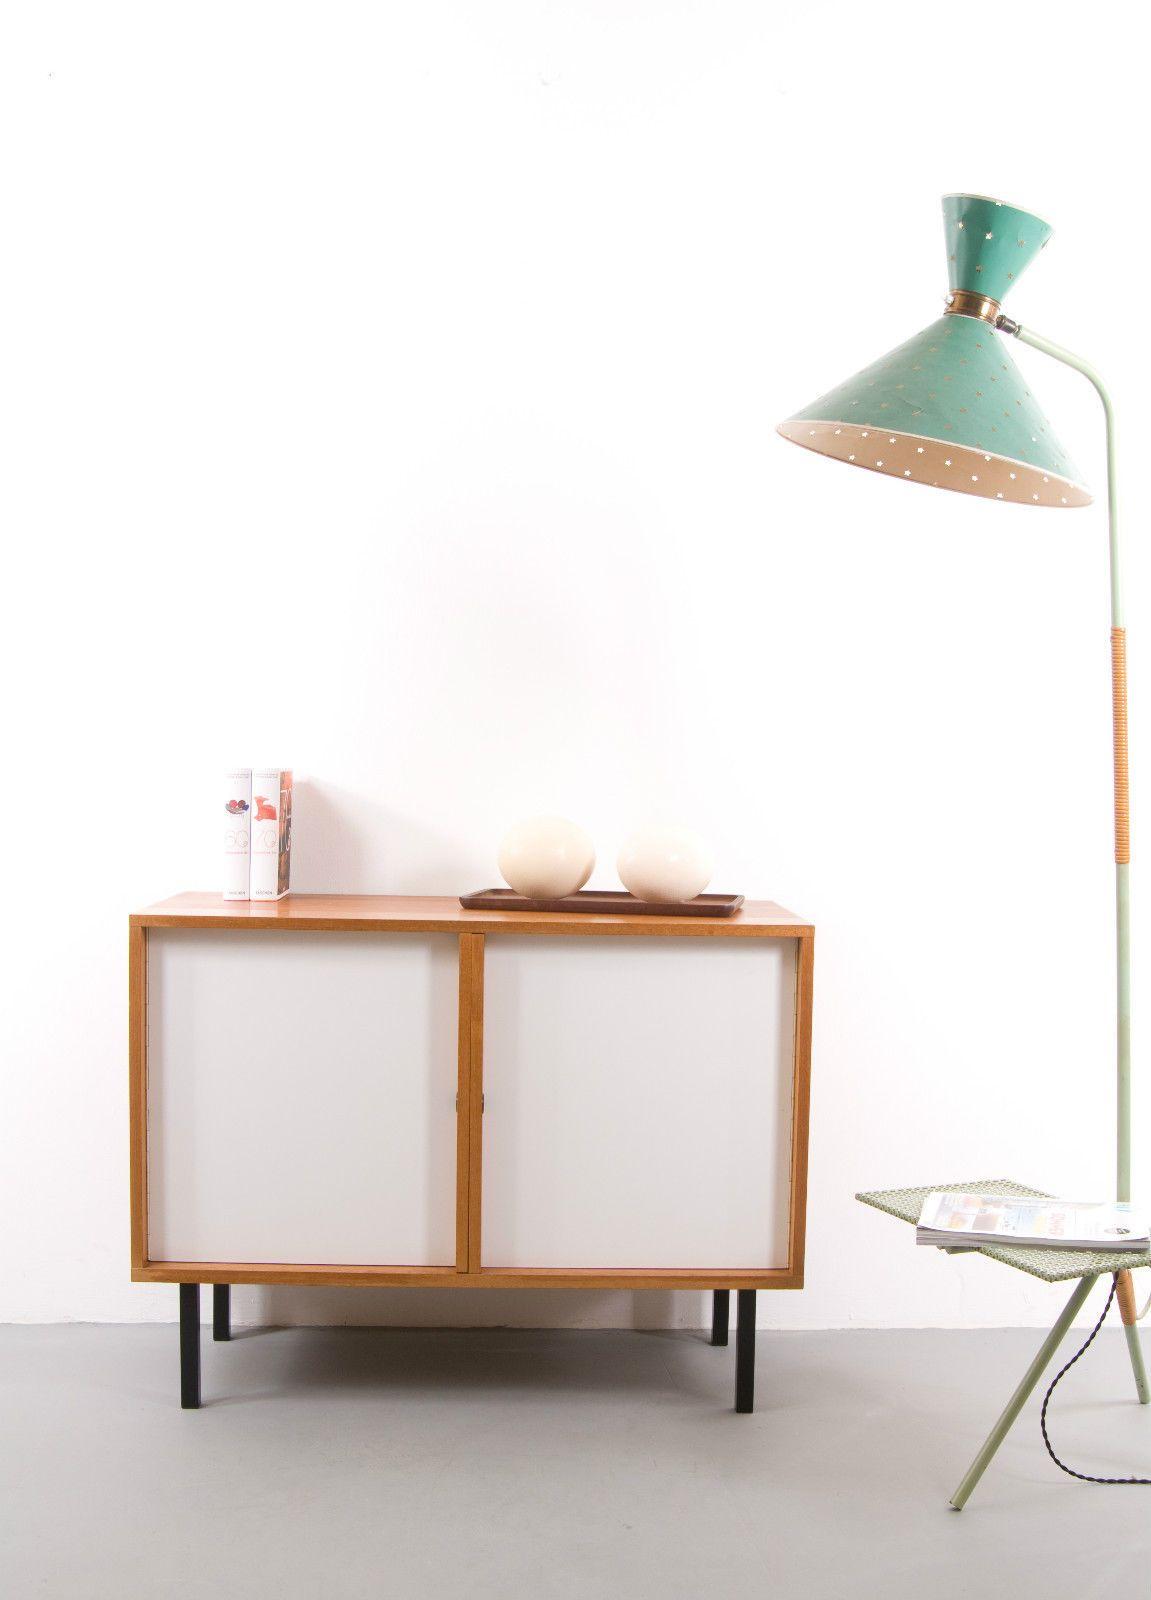 Anspruchsvoll Kleines Sideboard Beste Wahl Schöne Sideboard, In Teak Holz. Leuchte Aus